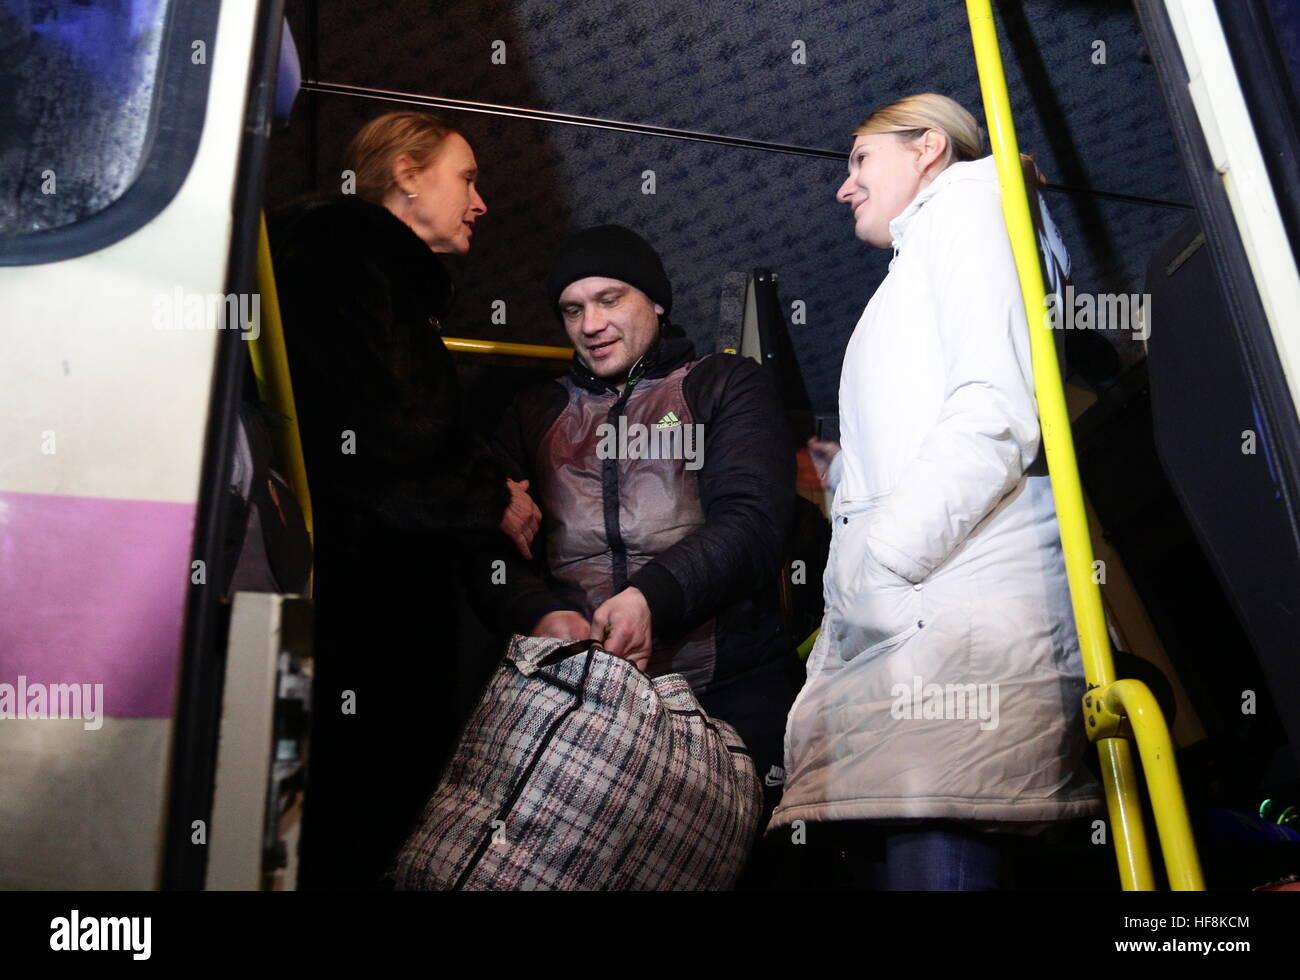 HORLIVKA, UKRAINE - DECEMBER 29, 2016: Olga Kobtseva (L), head of the working group on the exchange of prisoners Stock Photo